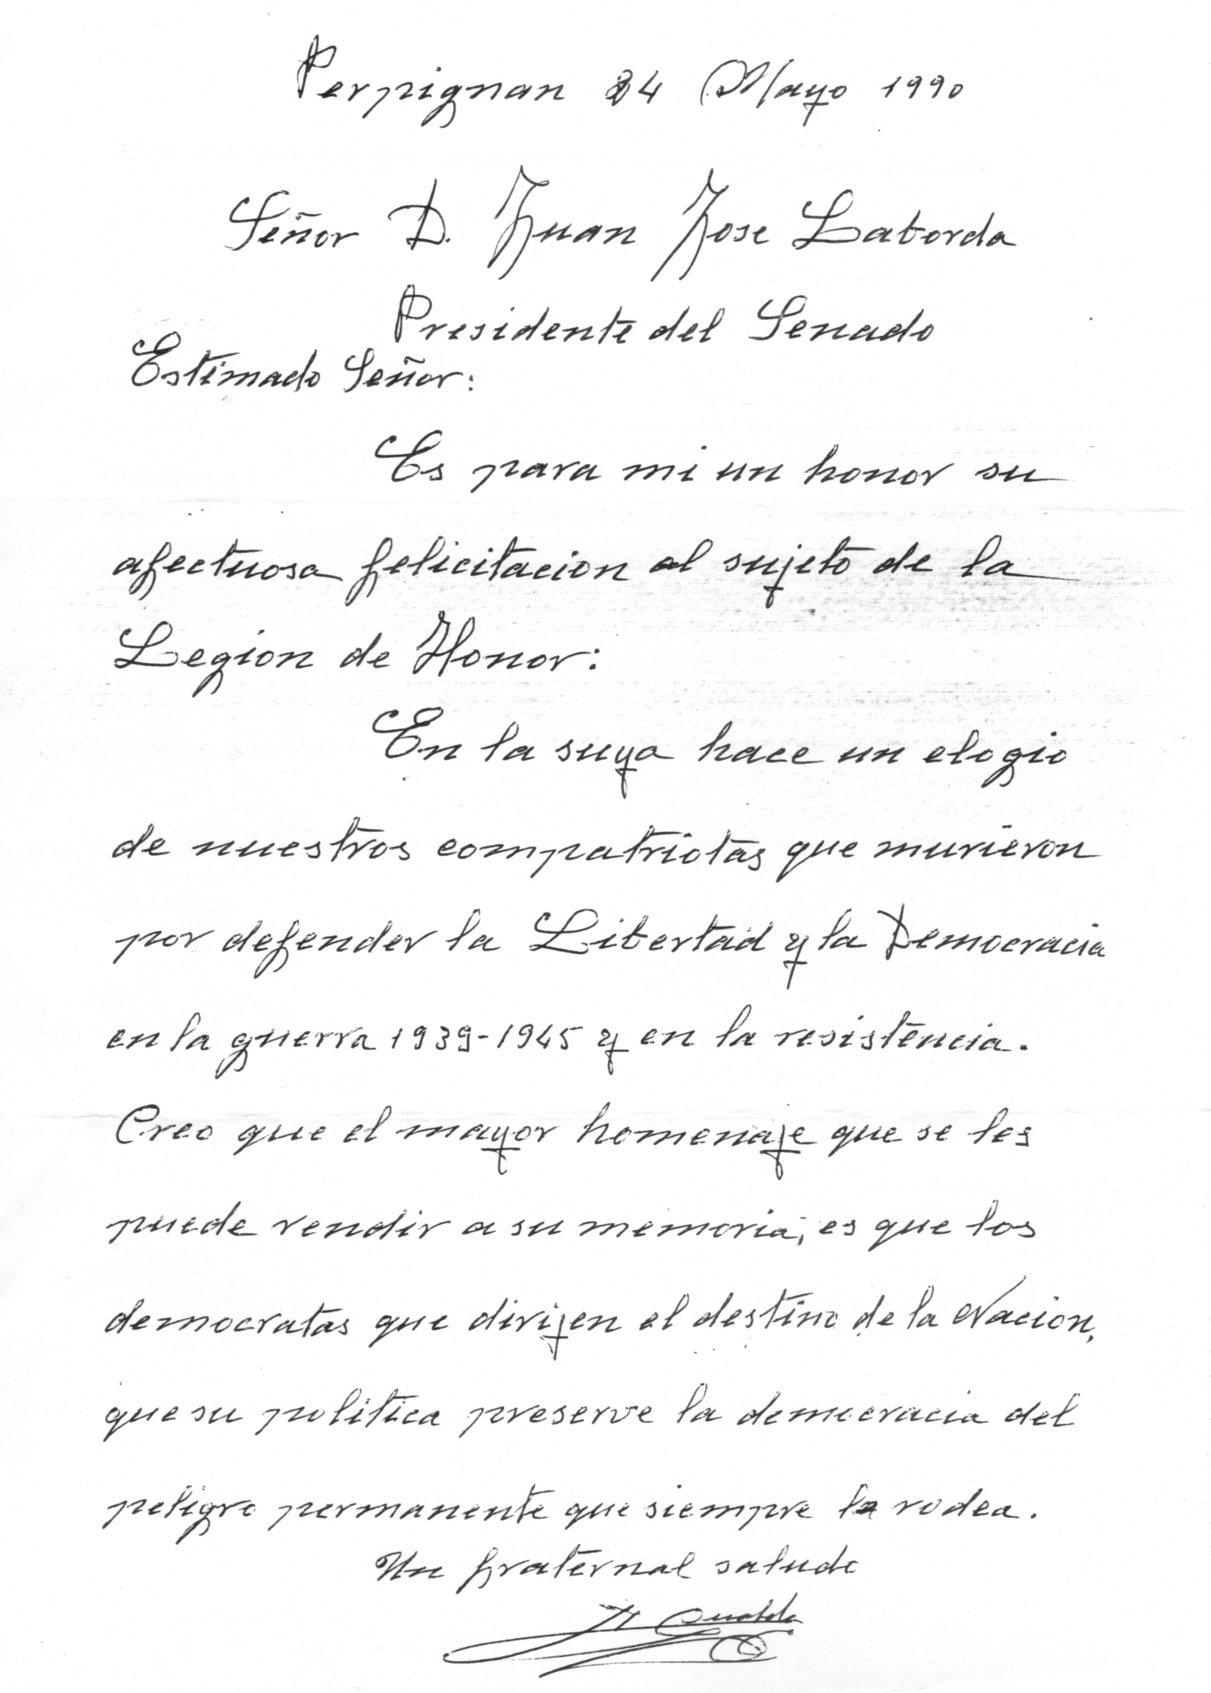 Carta dirigida al ex presidente del Senado, Juan José Laborda